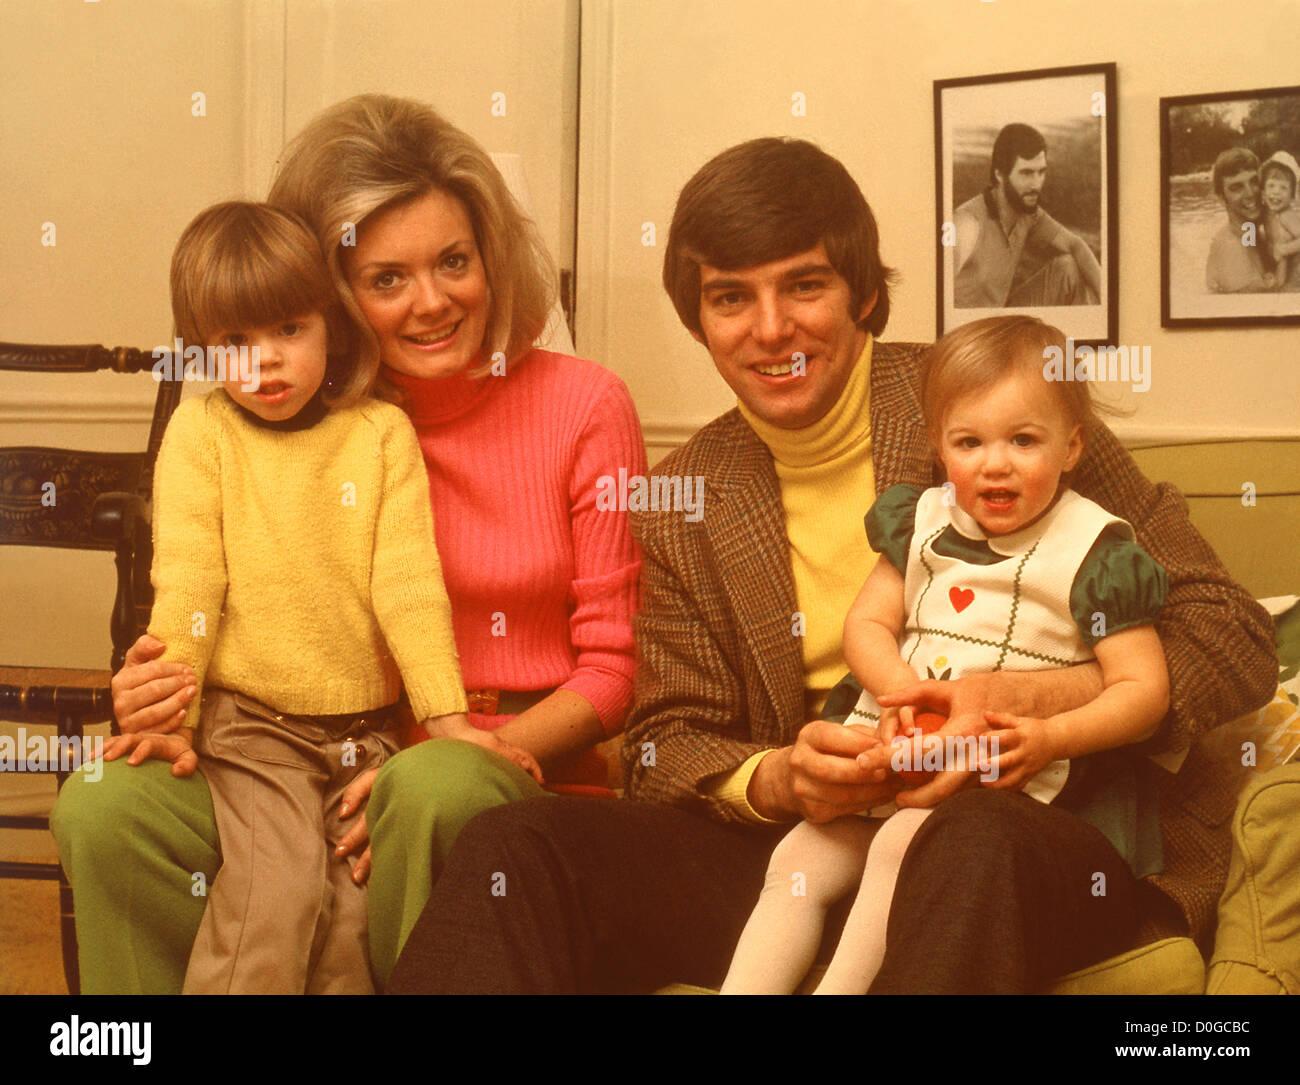 Vintage 1970's Family Portrait - Stock Image